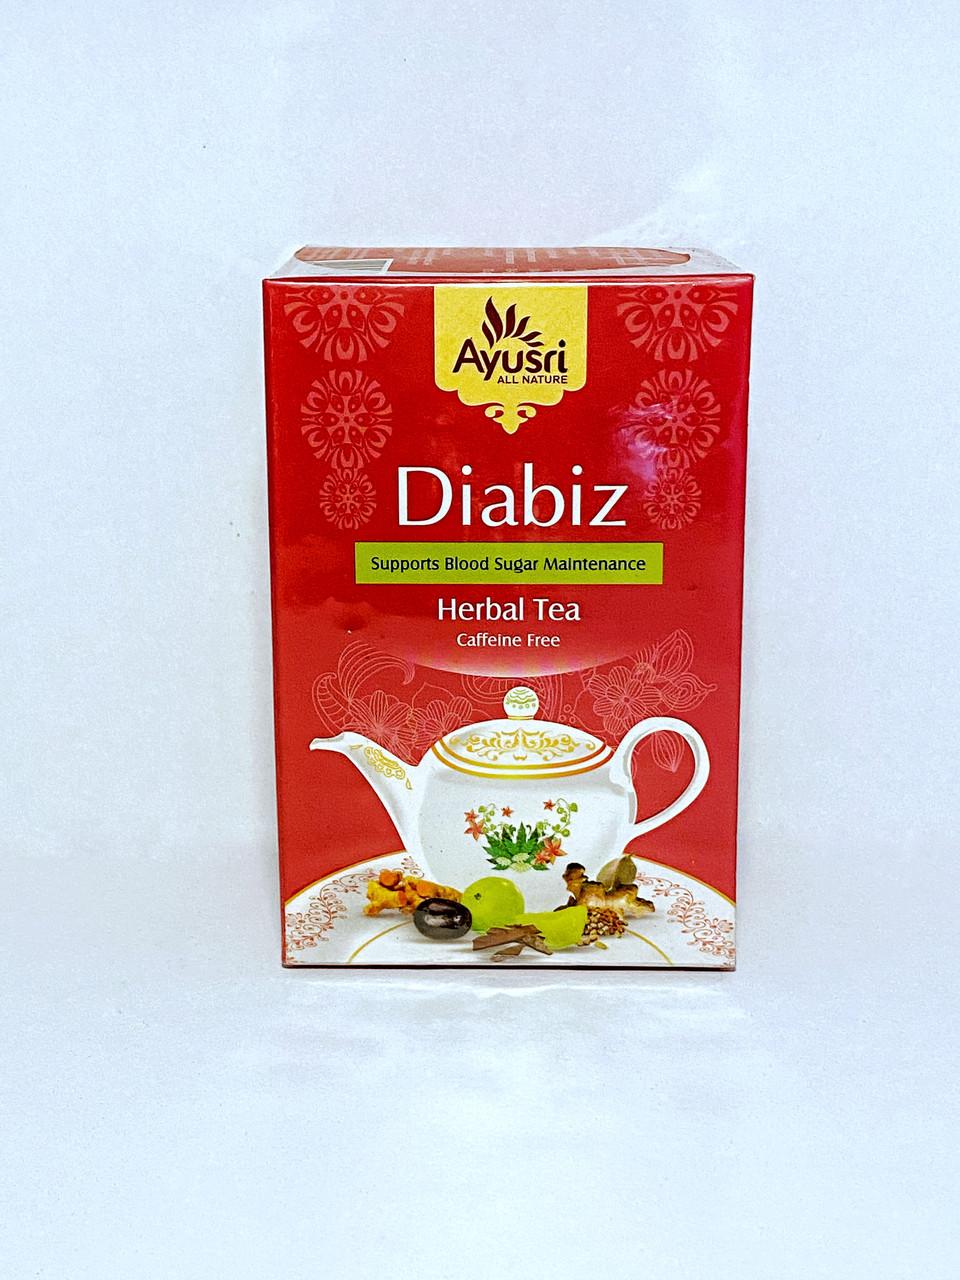 Аюрведический чай при диабете, Диабиз, Diabiz Herbal Tea, 40 гр, Ayusri - фото 1